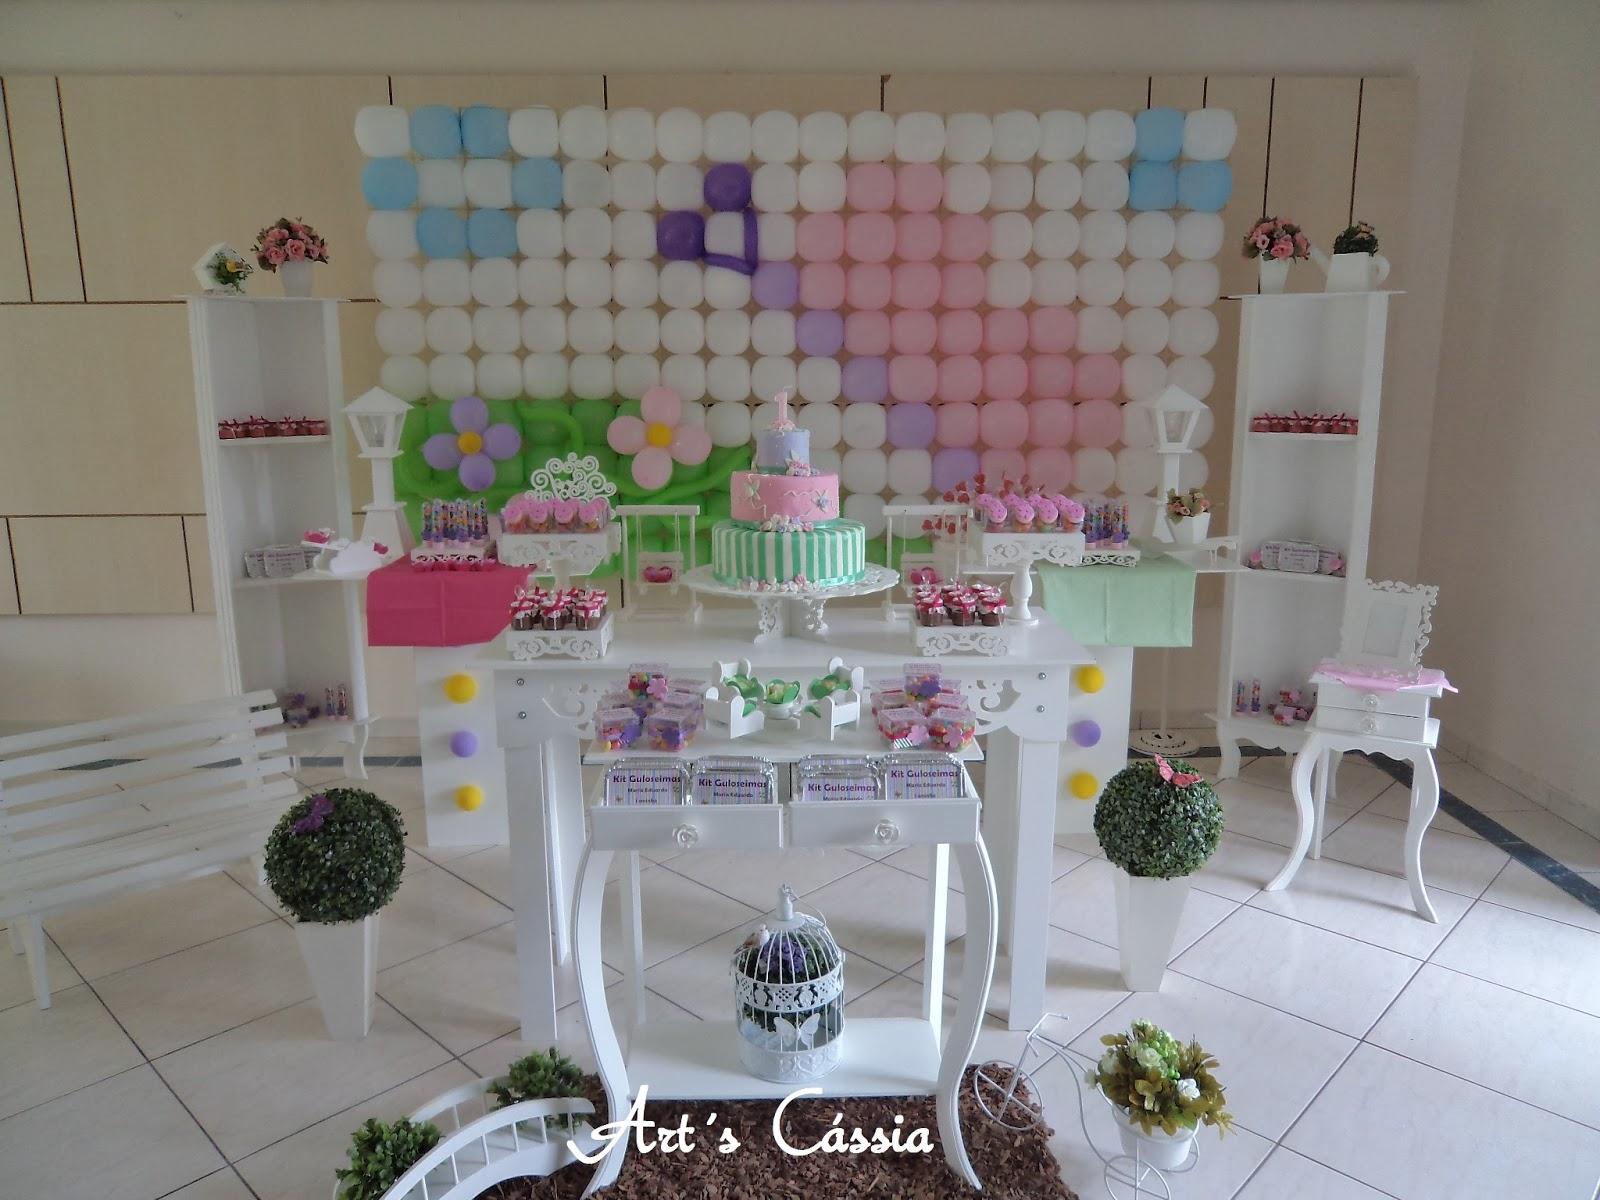 decoracao de bolo jardim encantado:Art's Cássia : Decoração provençal Jardim Encantado